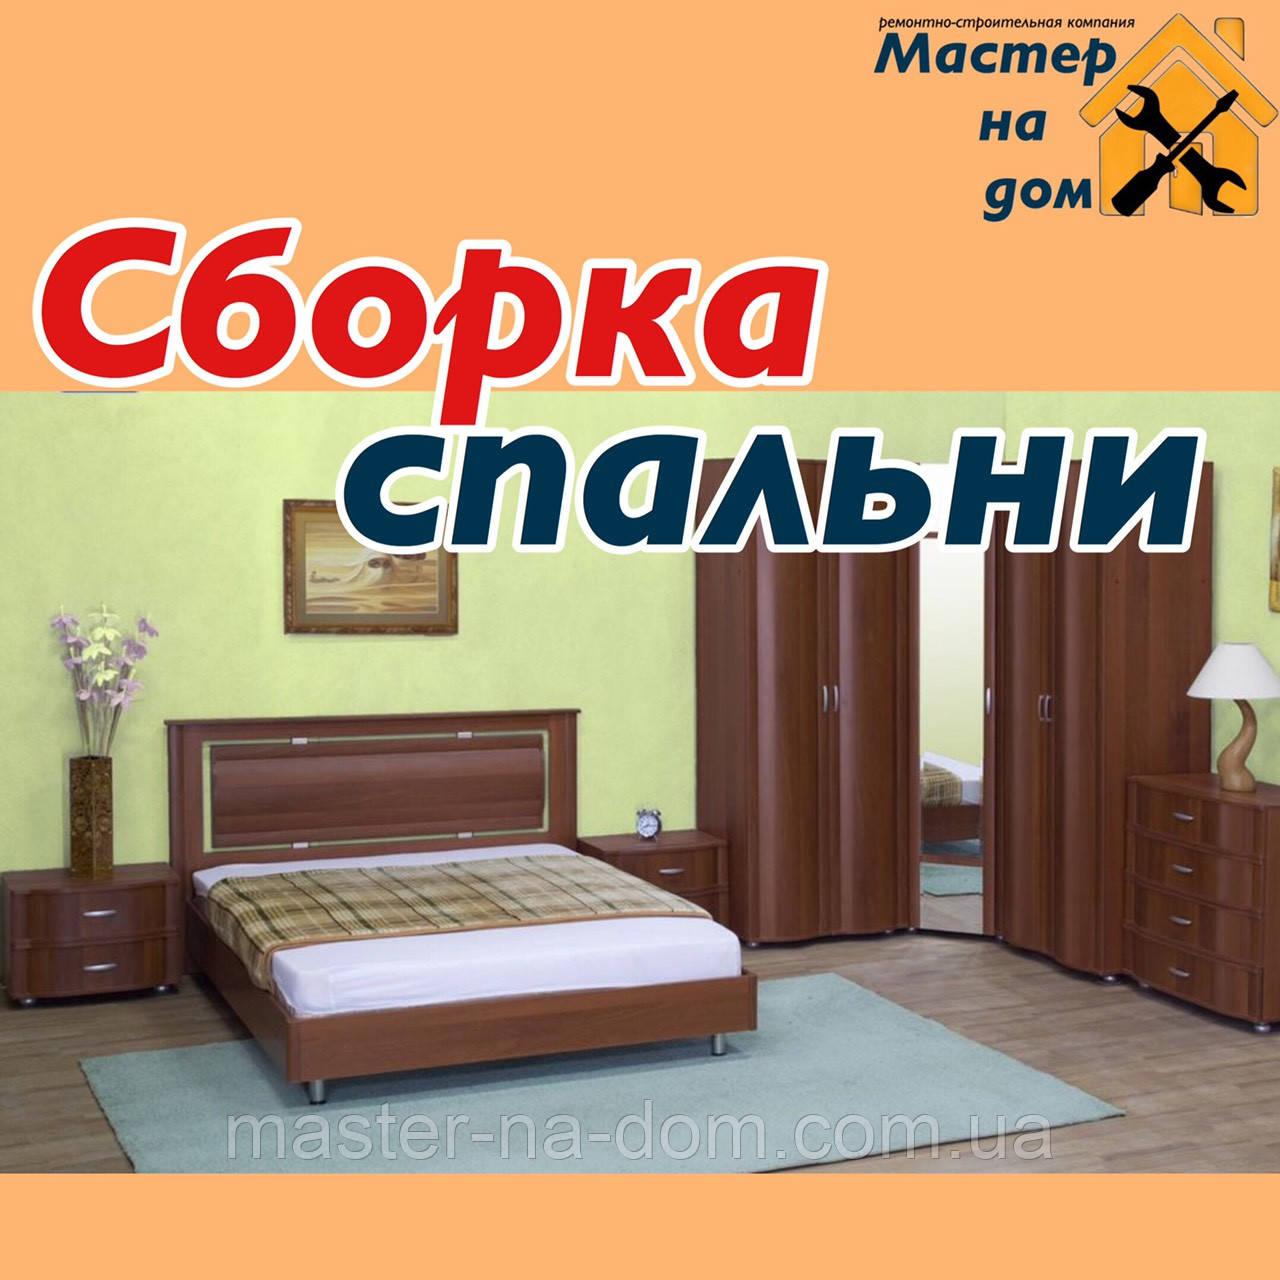 Збірка спальні: ліжка, комоди, тумбочки в Ужгороді